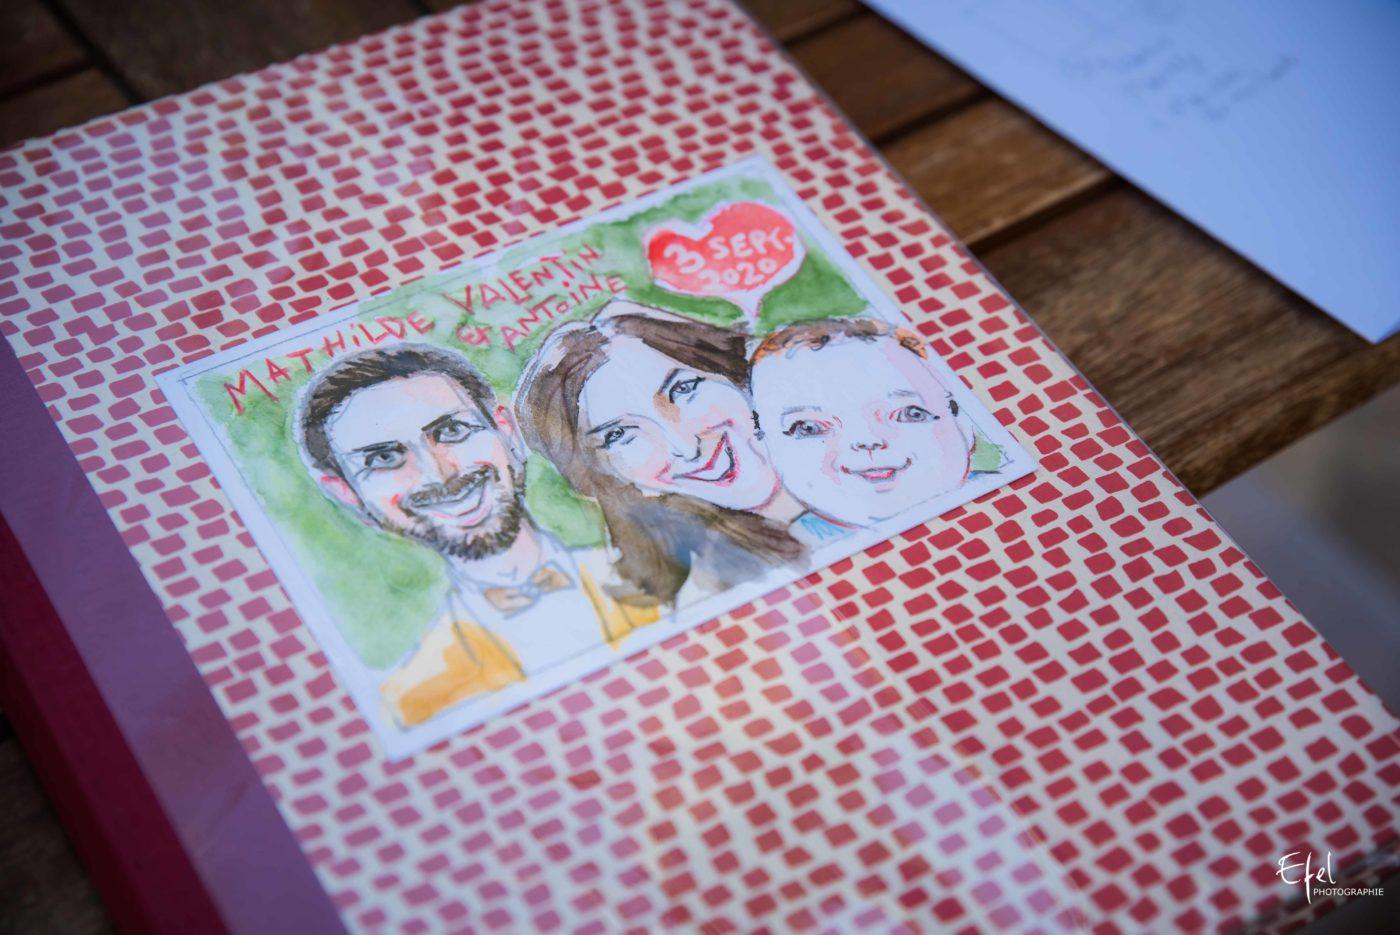 L'album de mariage des mariés réalisé par le dessinateur Ripo - reportage de mariage dans les Alpes Maritimes à Tourrettes sur Loup